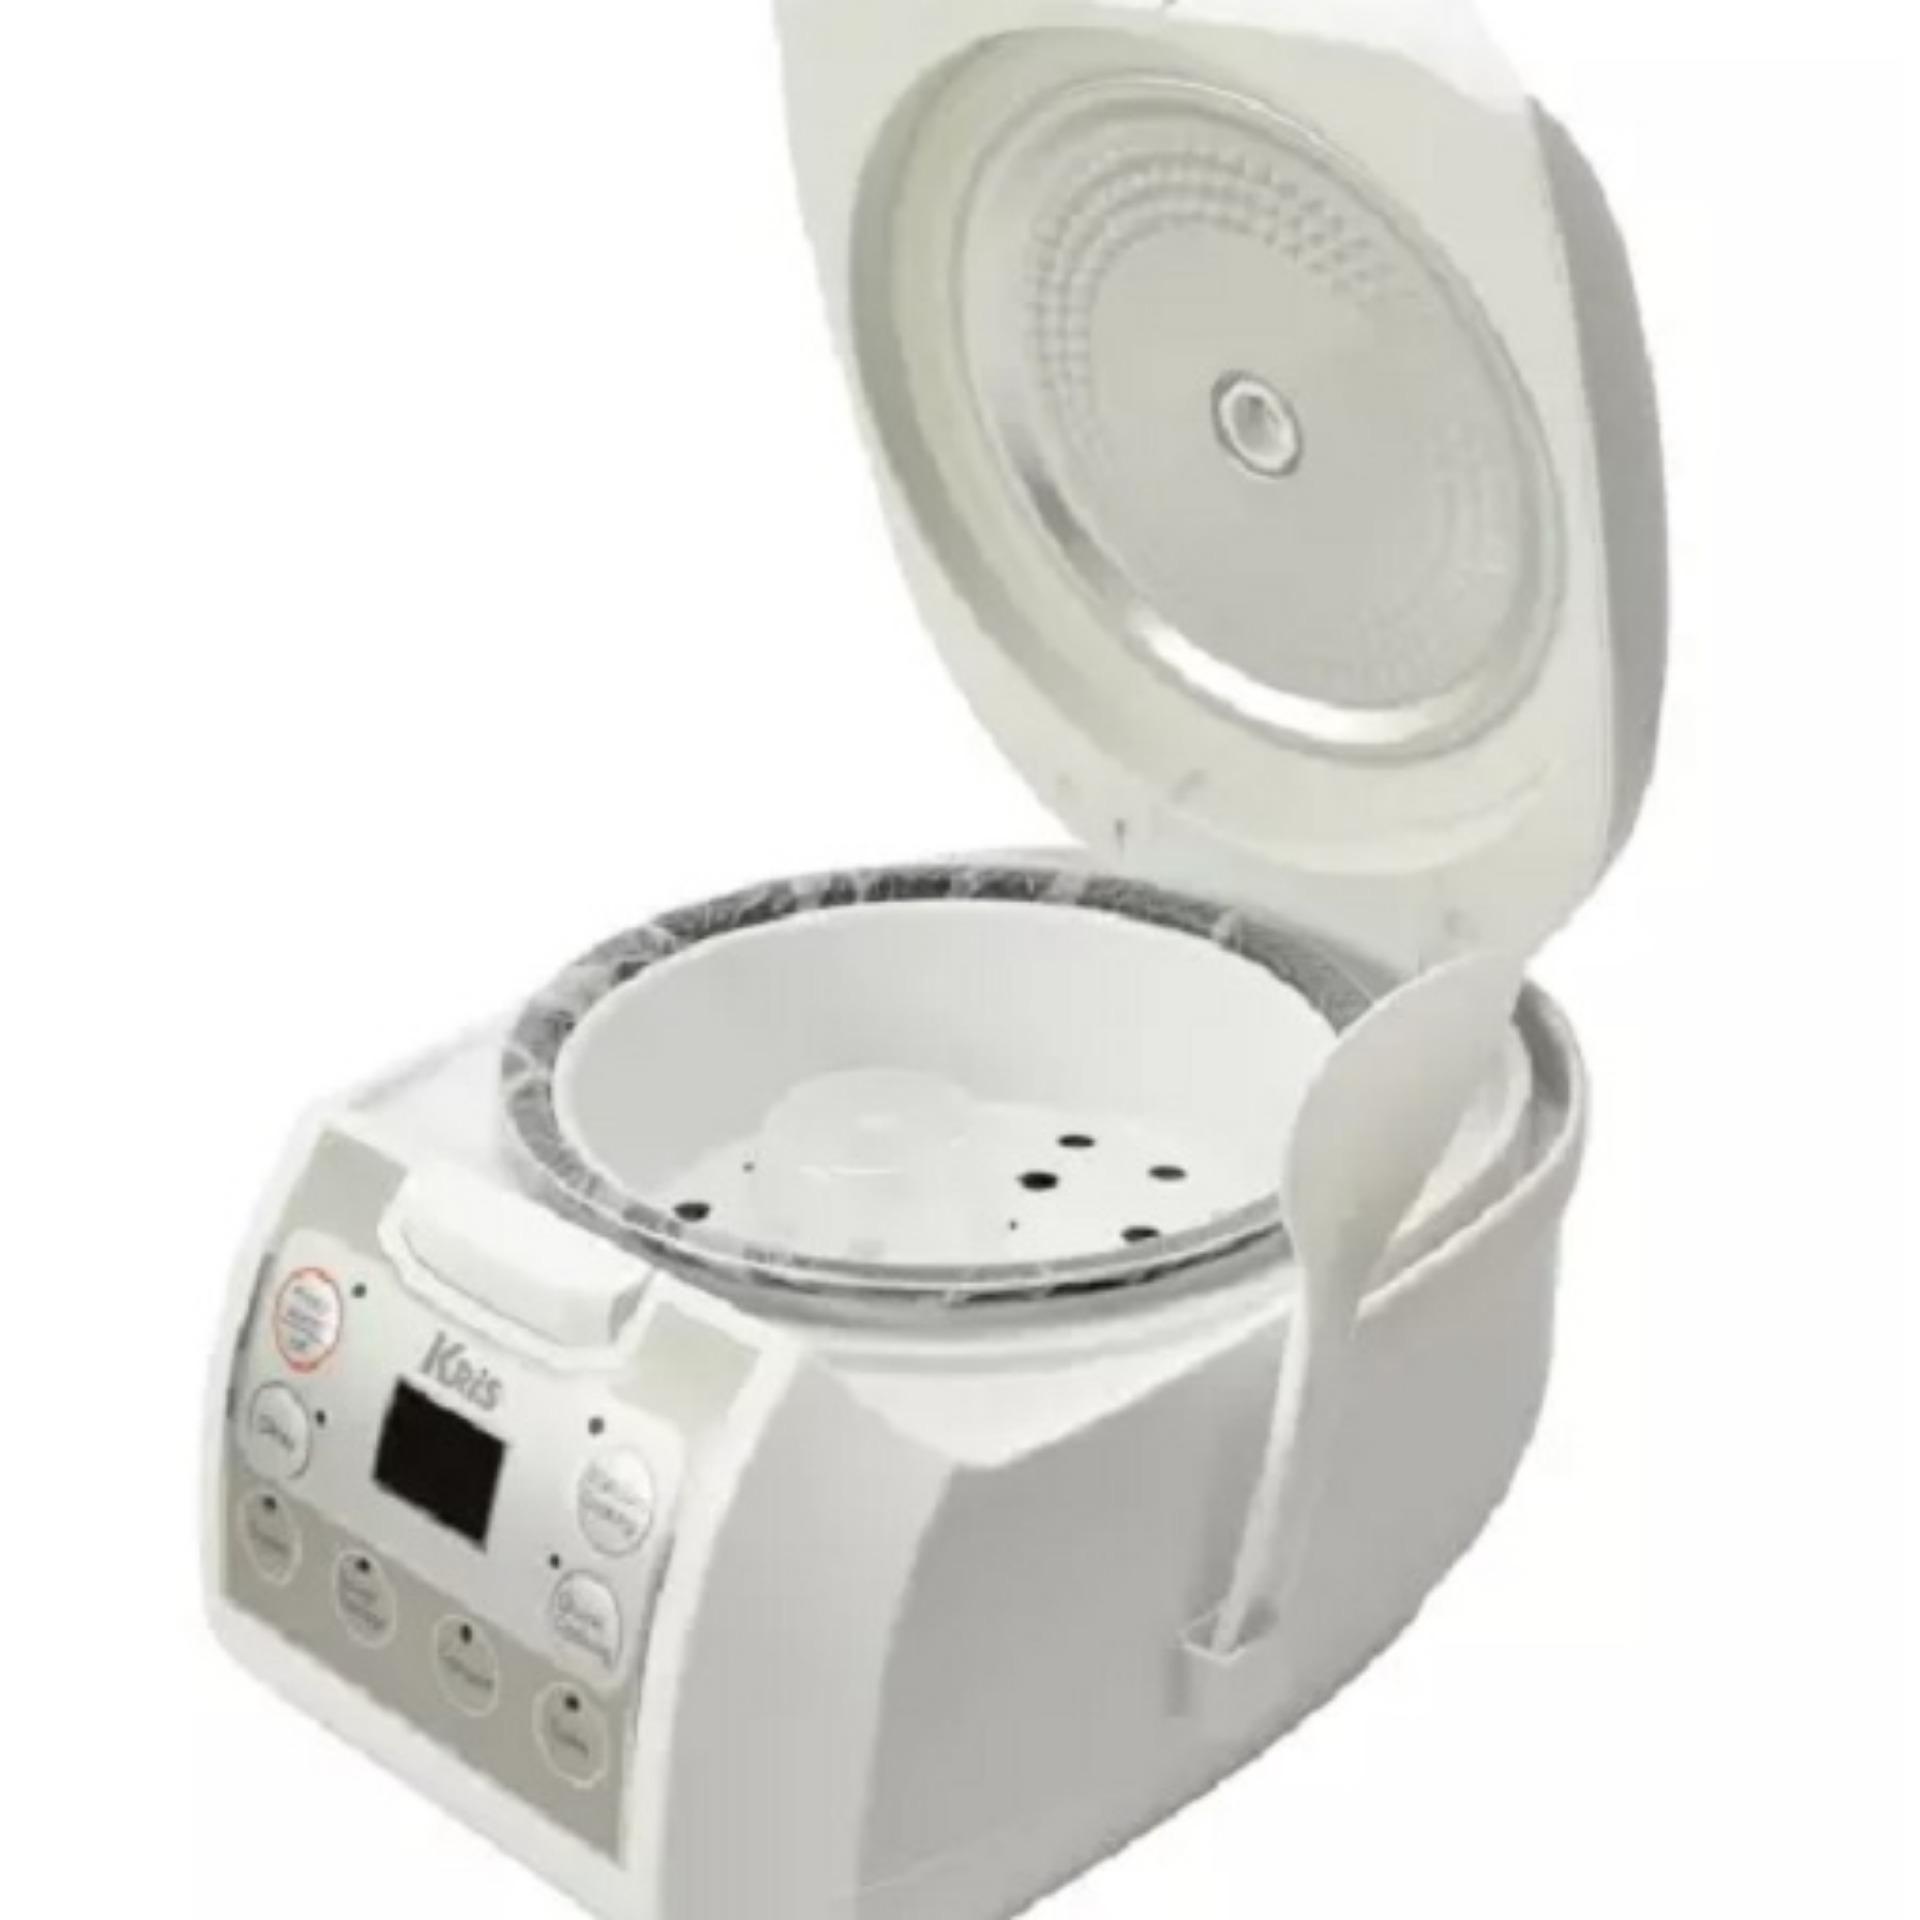 ... Kris Rice Cooker Digital Serbaguna 1 2L. Kris Rice Cooker Digital Serbaguna 1 2L. Starhome Rice Cooker Mini 2 Susun Kapasitas 1 L Penanak Nasi ...